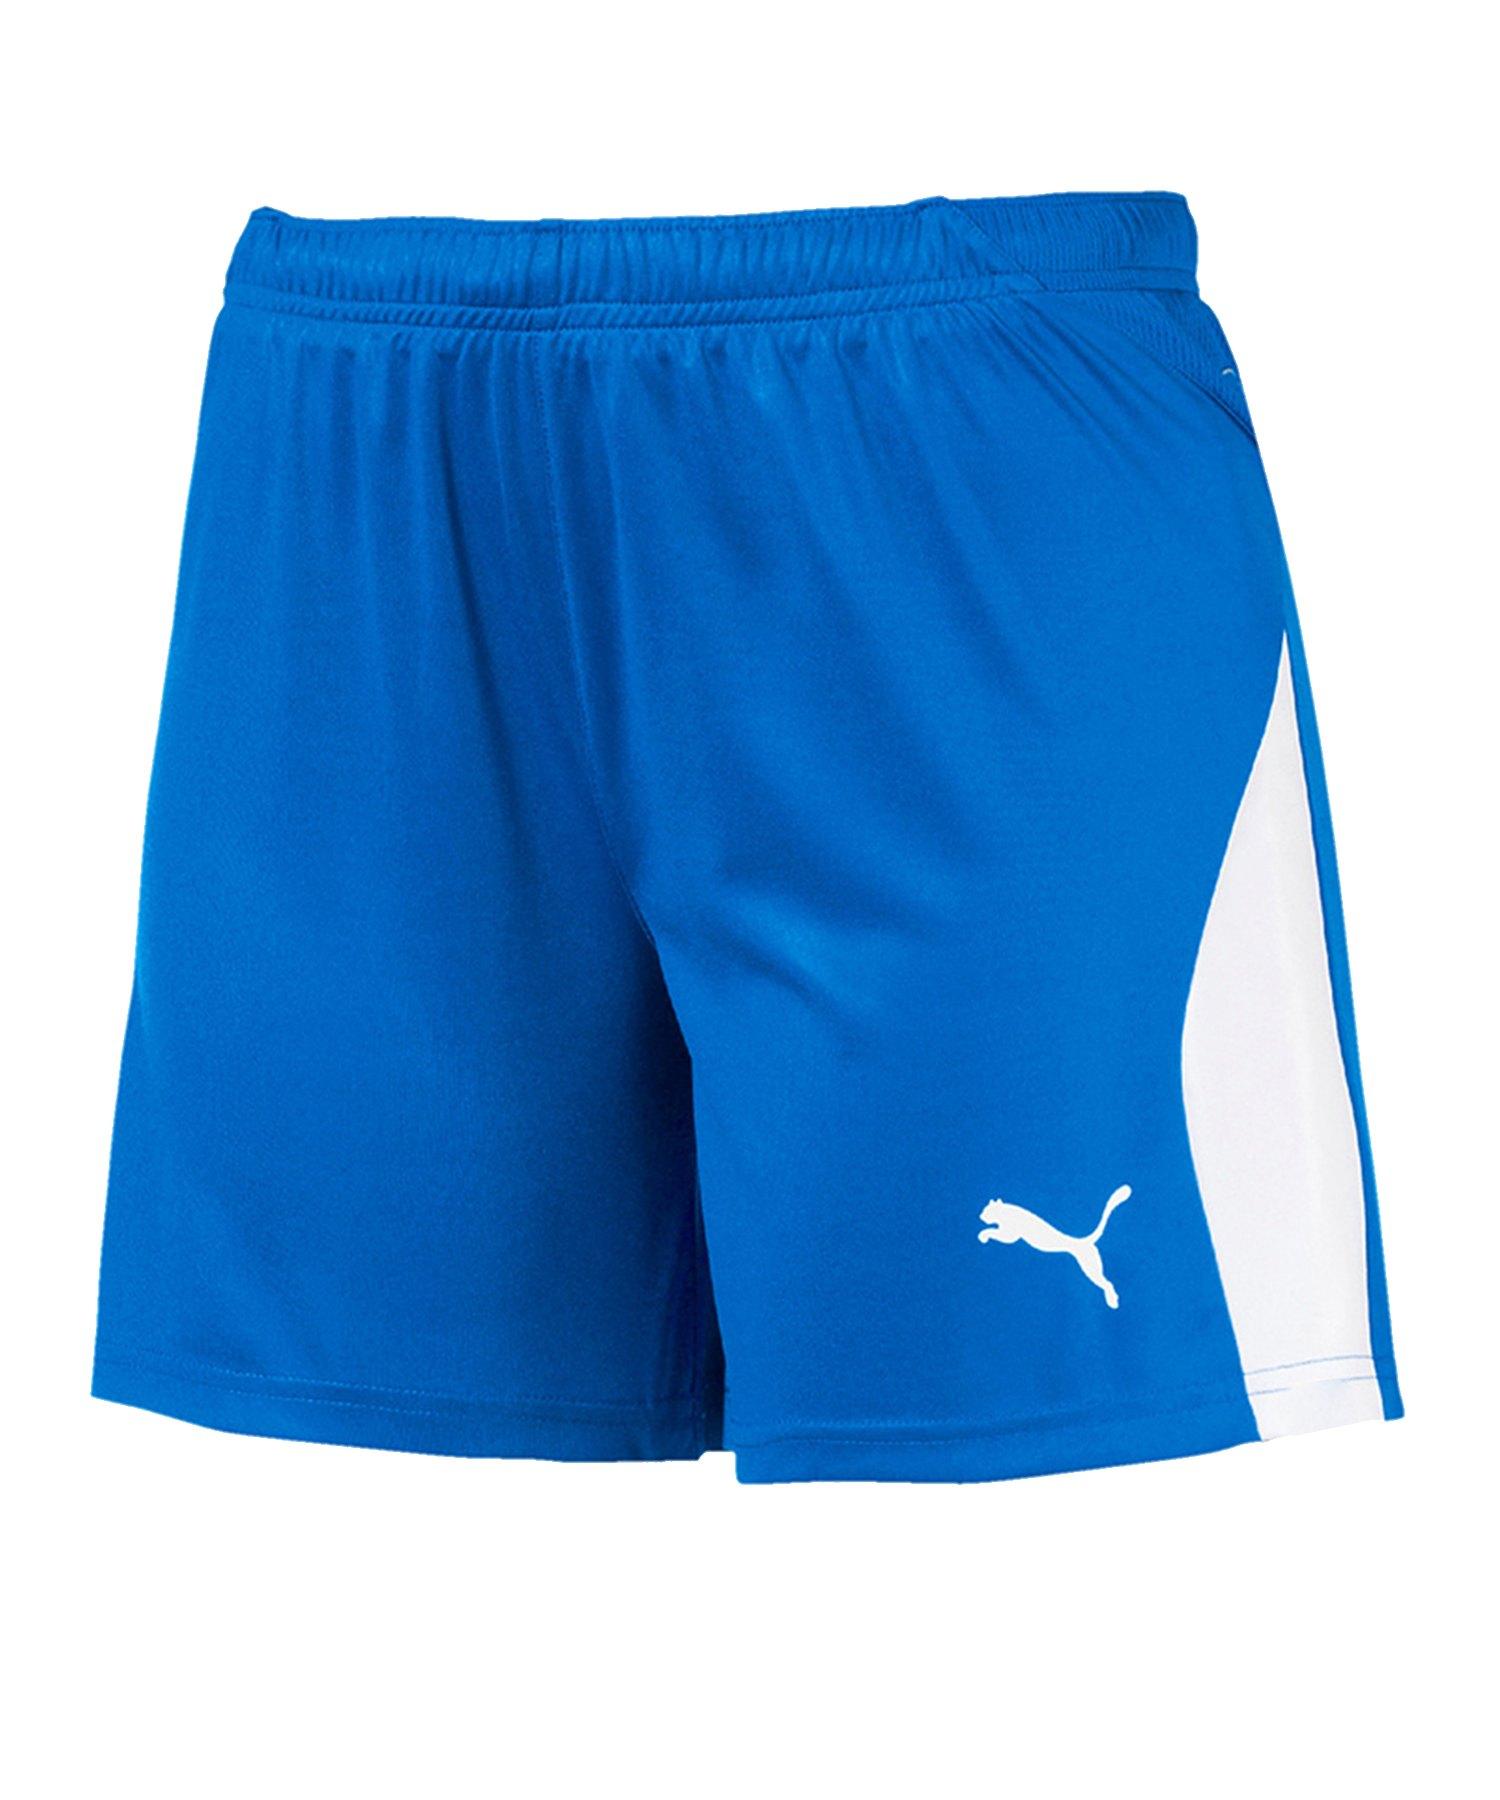 PUMA LIGA Short Damen Blau Weiss F02 - blau